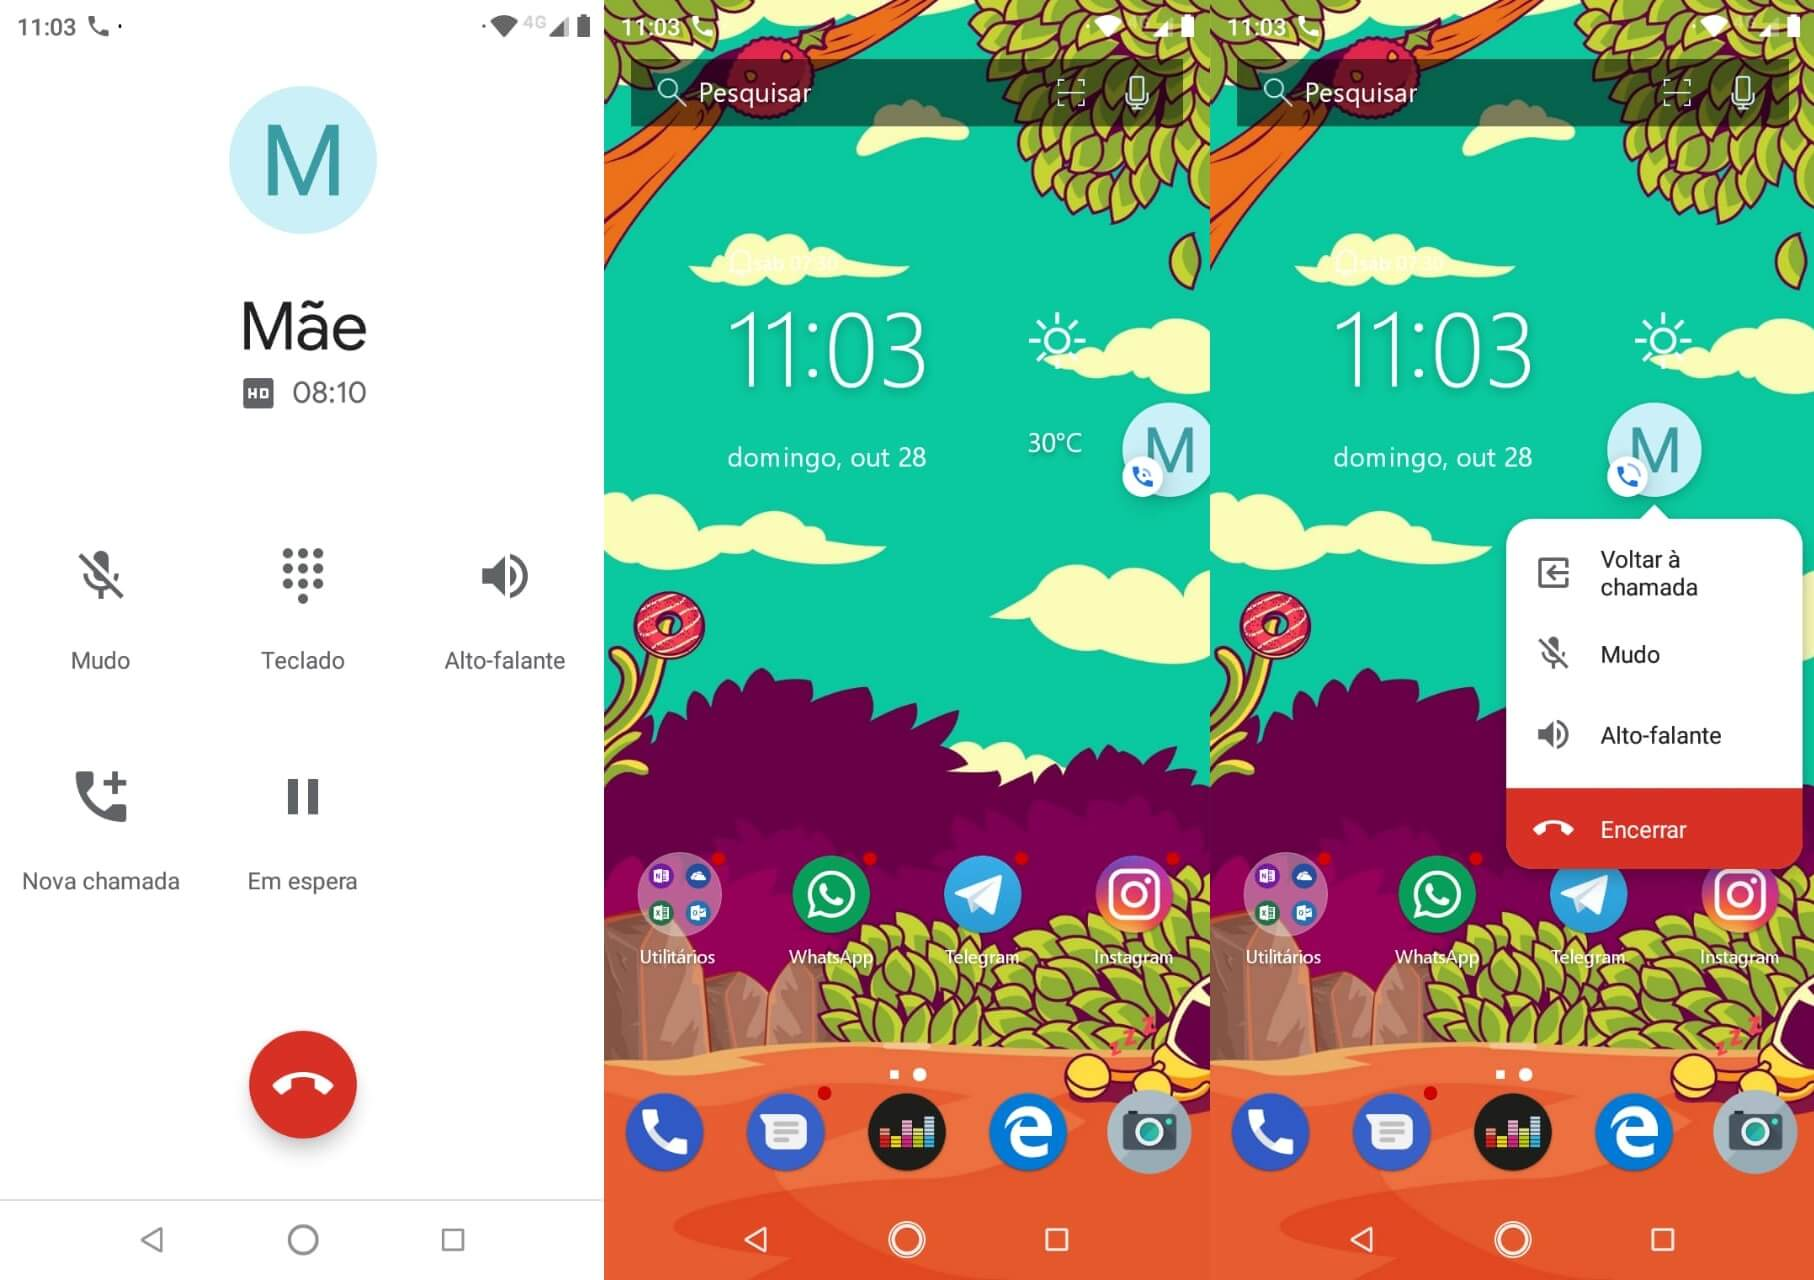 Motorola one: dicas e truques para aproveitar ao máximo o smartphone. Descubra e utilize tudo o que o motorola one tem a oferecer através de uma série de dicas e truques